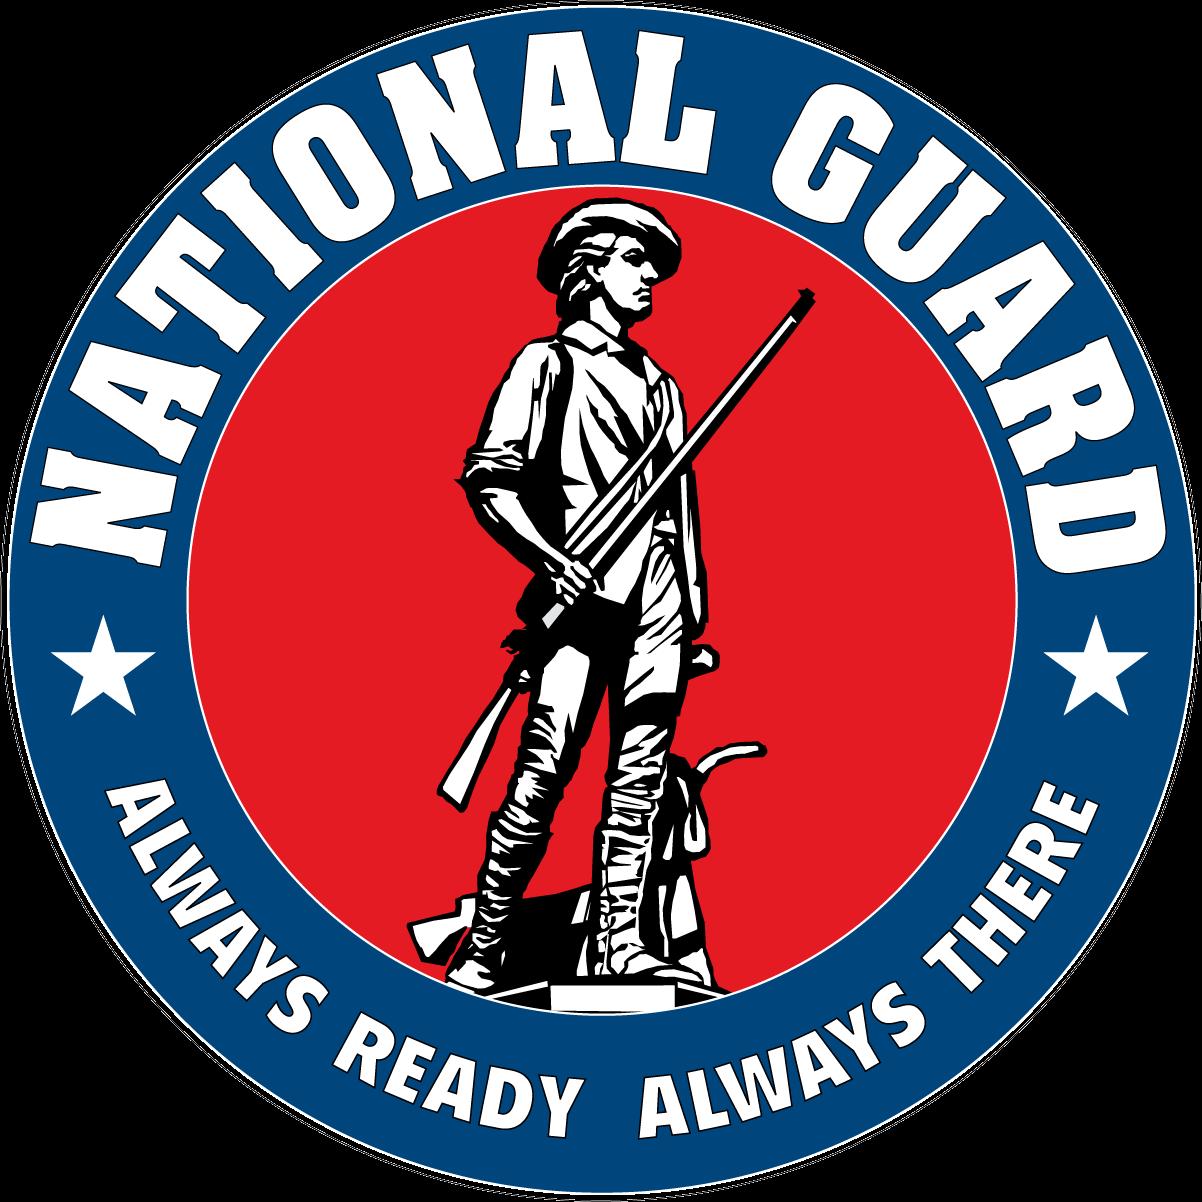 National_Guard_emblem.png